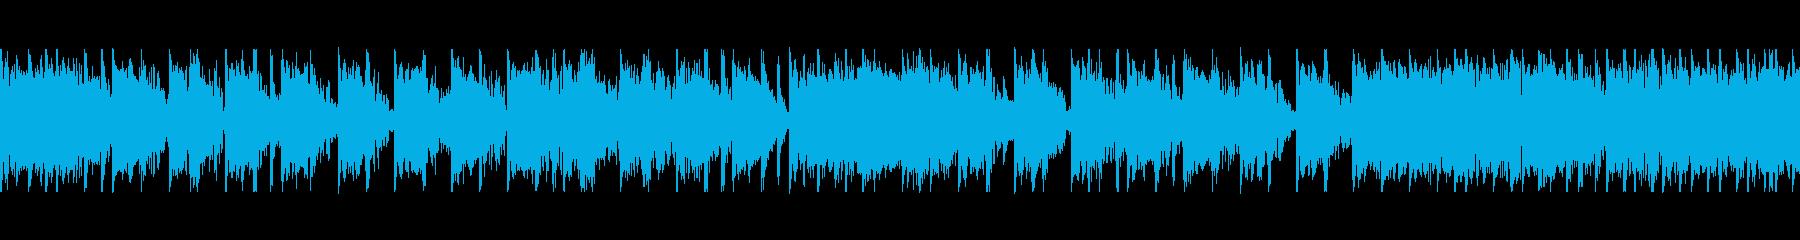 ダークなイメージのゆっくりな曲の再生済みの波形